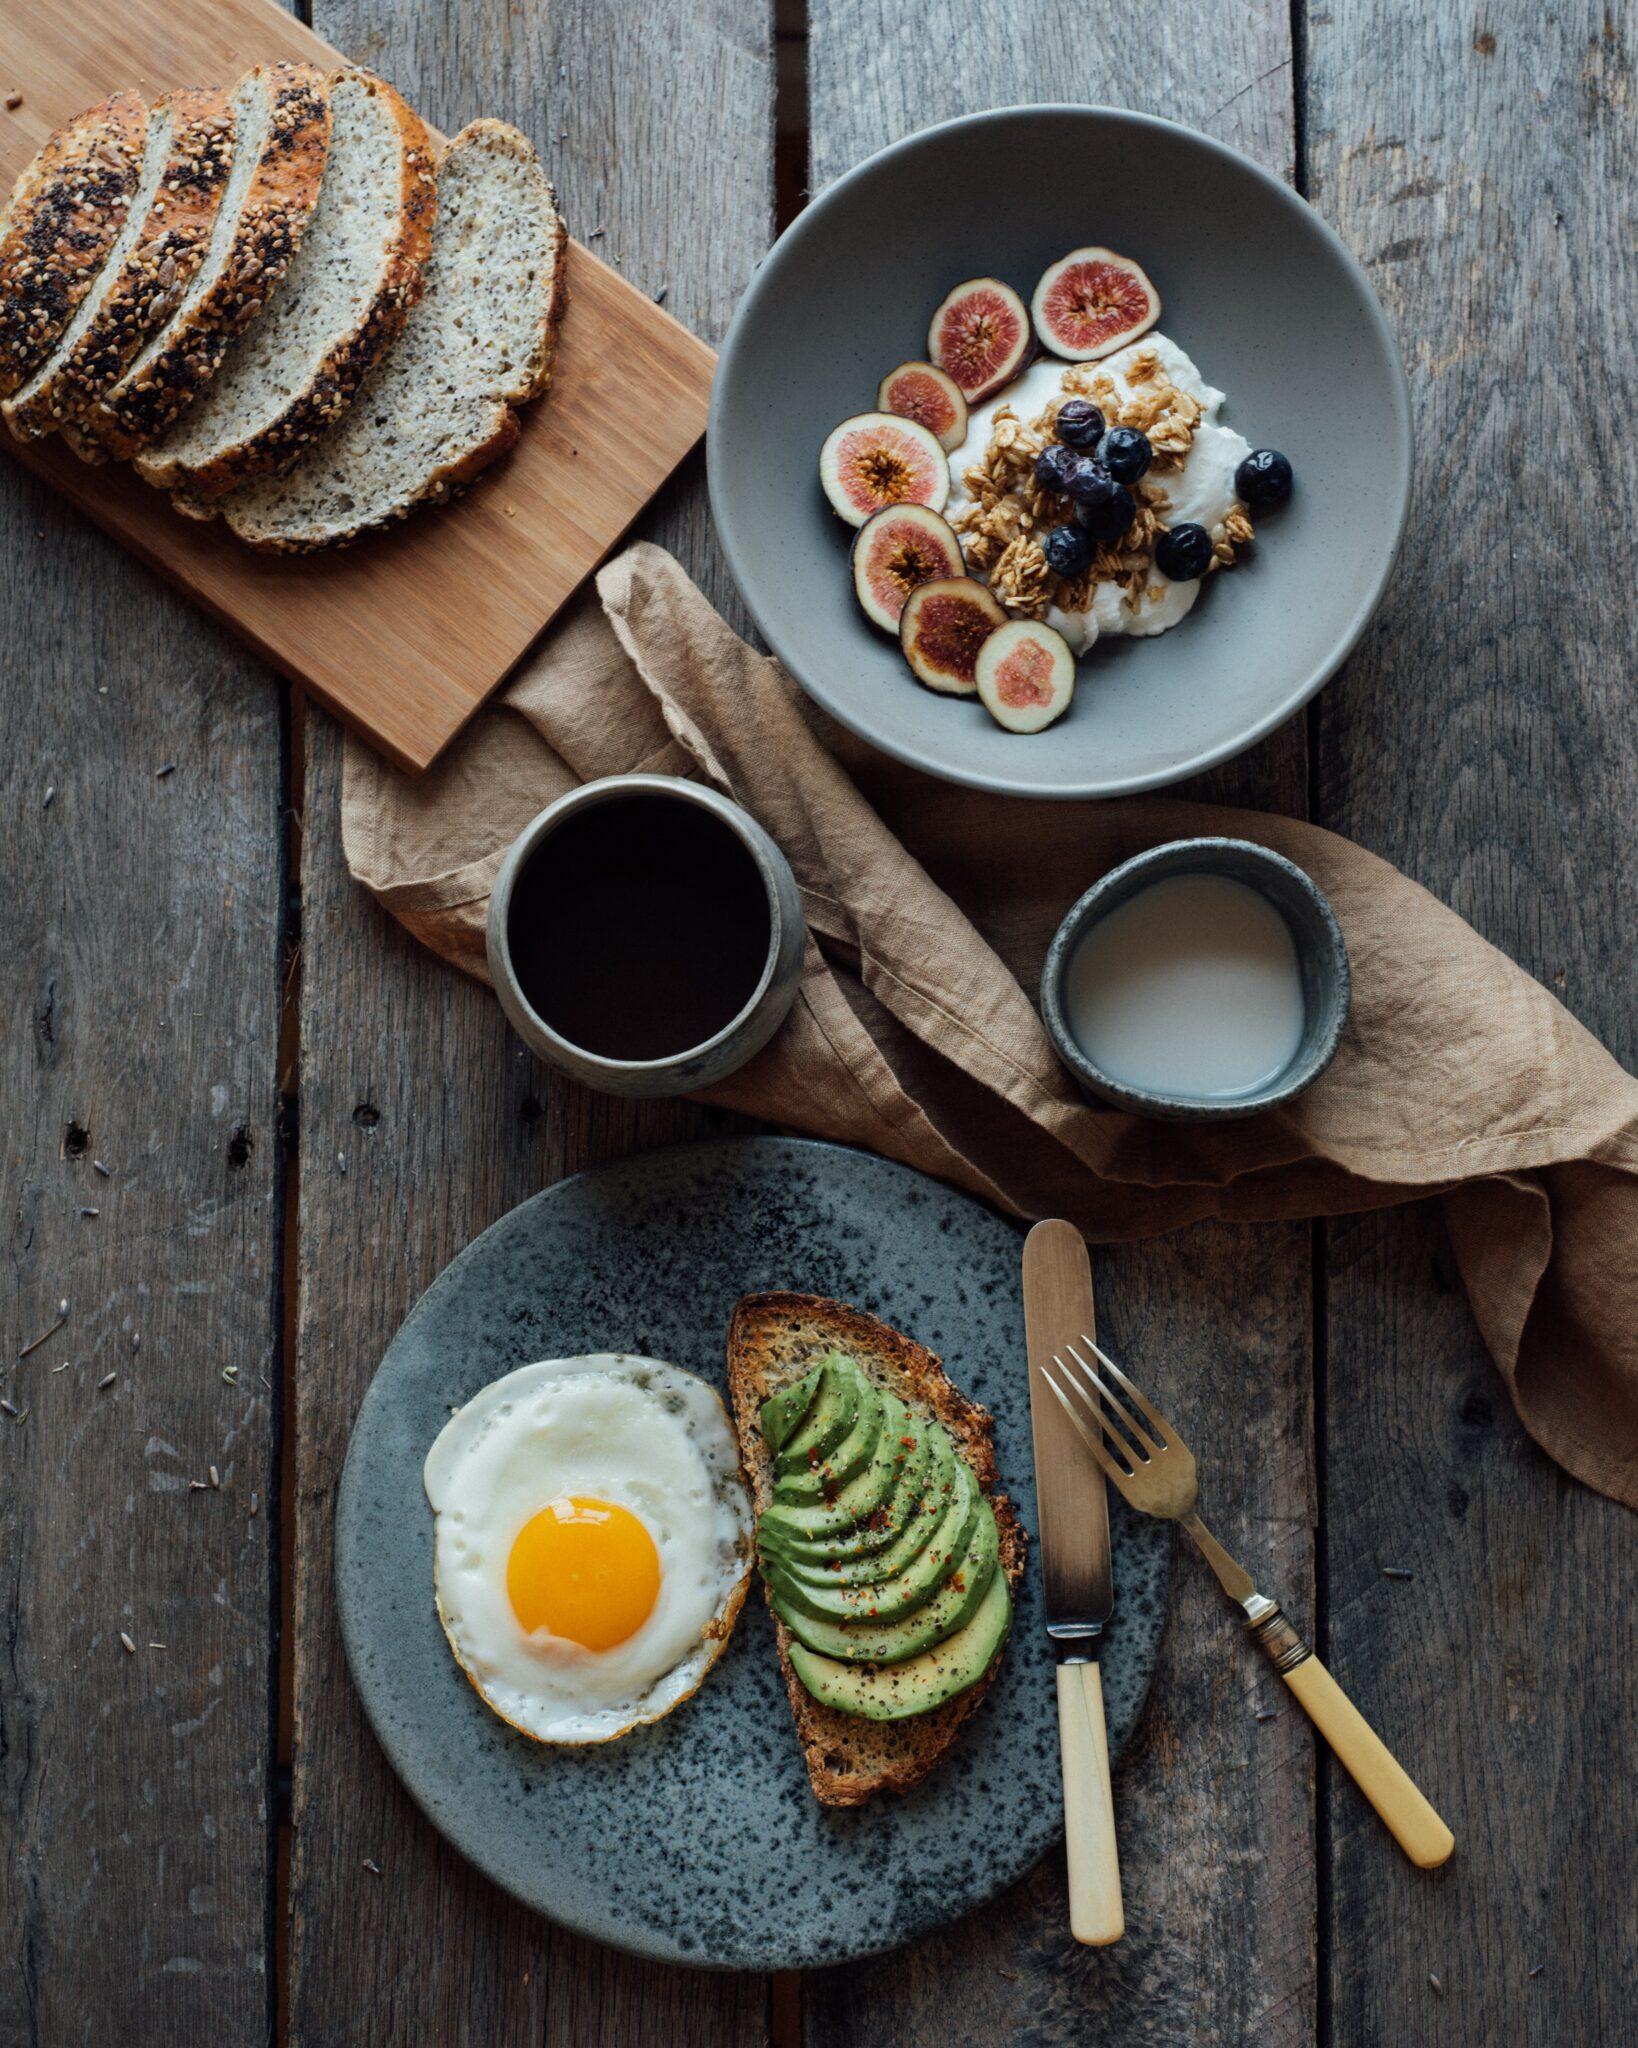 Τηλεοπτικό σποτ για την προώθηση του υγιεινού πρωινού και της σωματικής άσκησης για παιδιά, νέους και γονείς